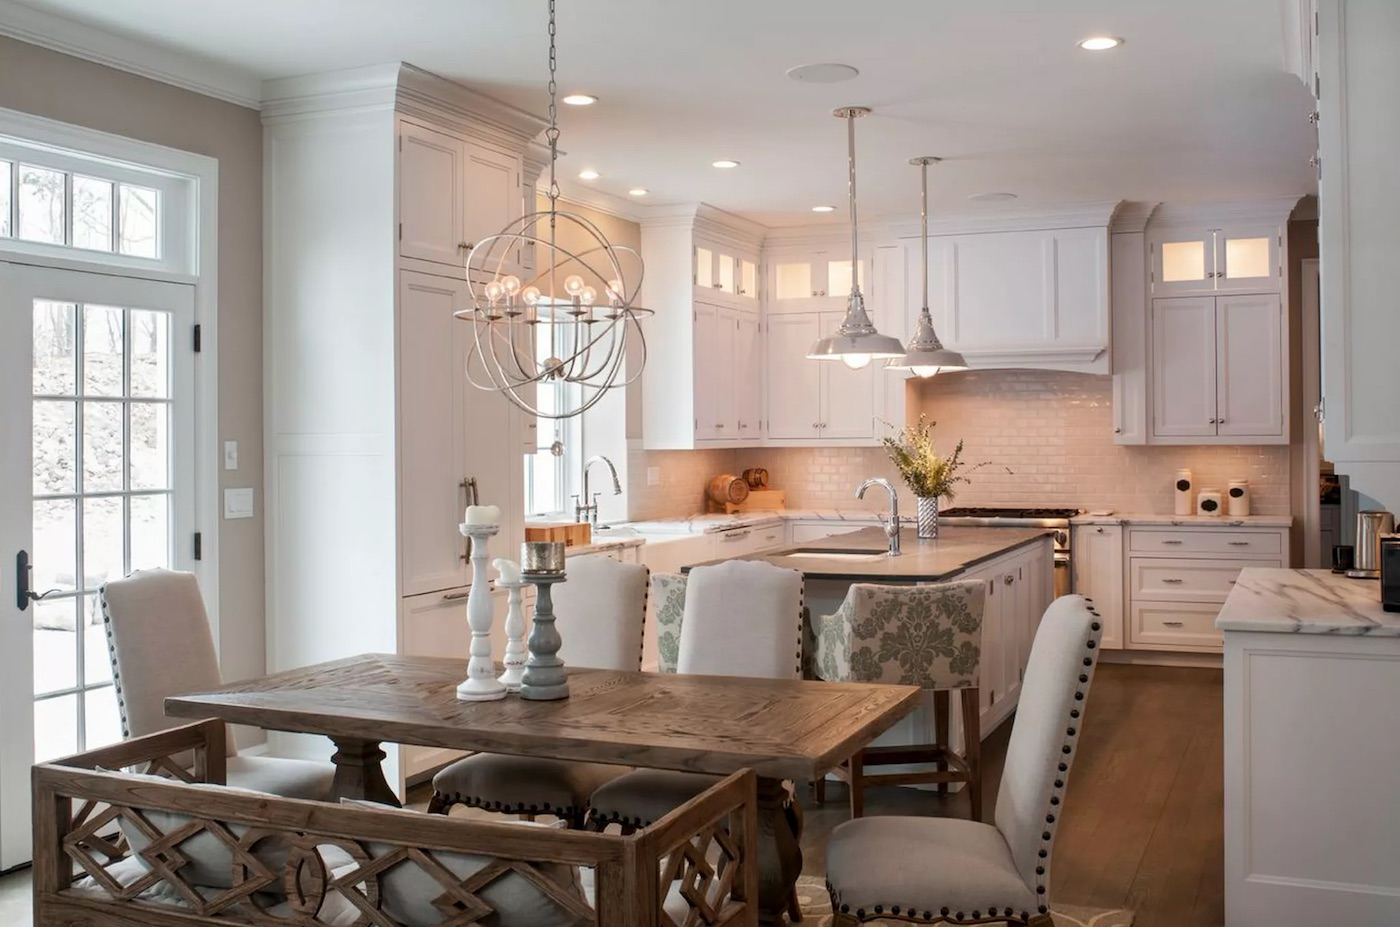 Farmington Home Kitchen